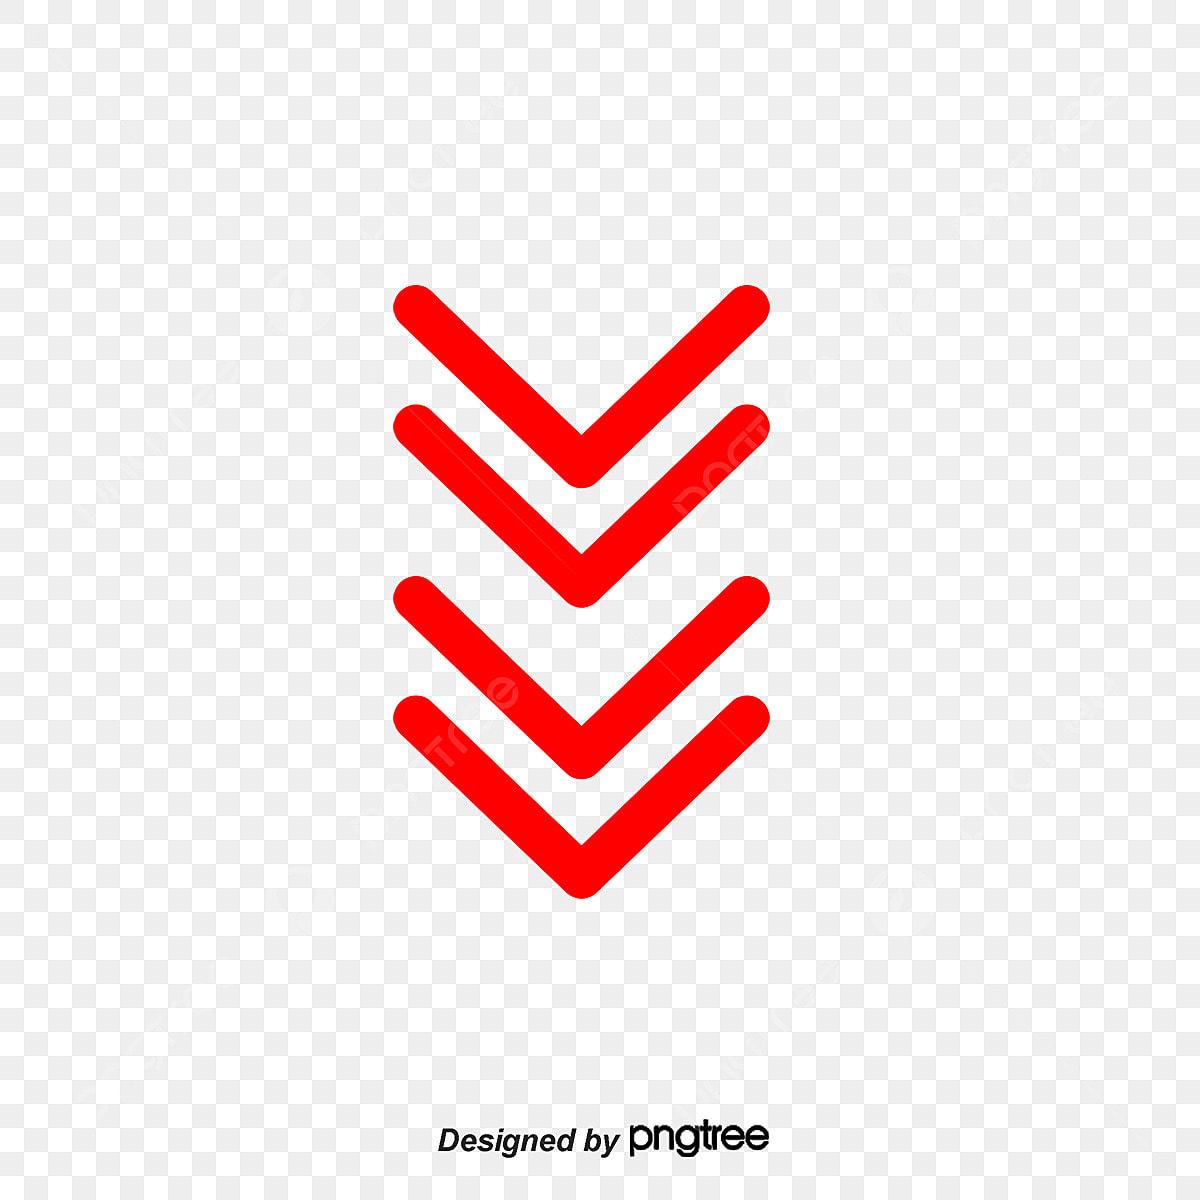 Vector Straight Down Arrow Red Double Row Arrow Vector